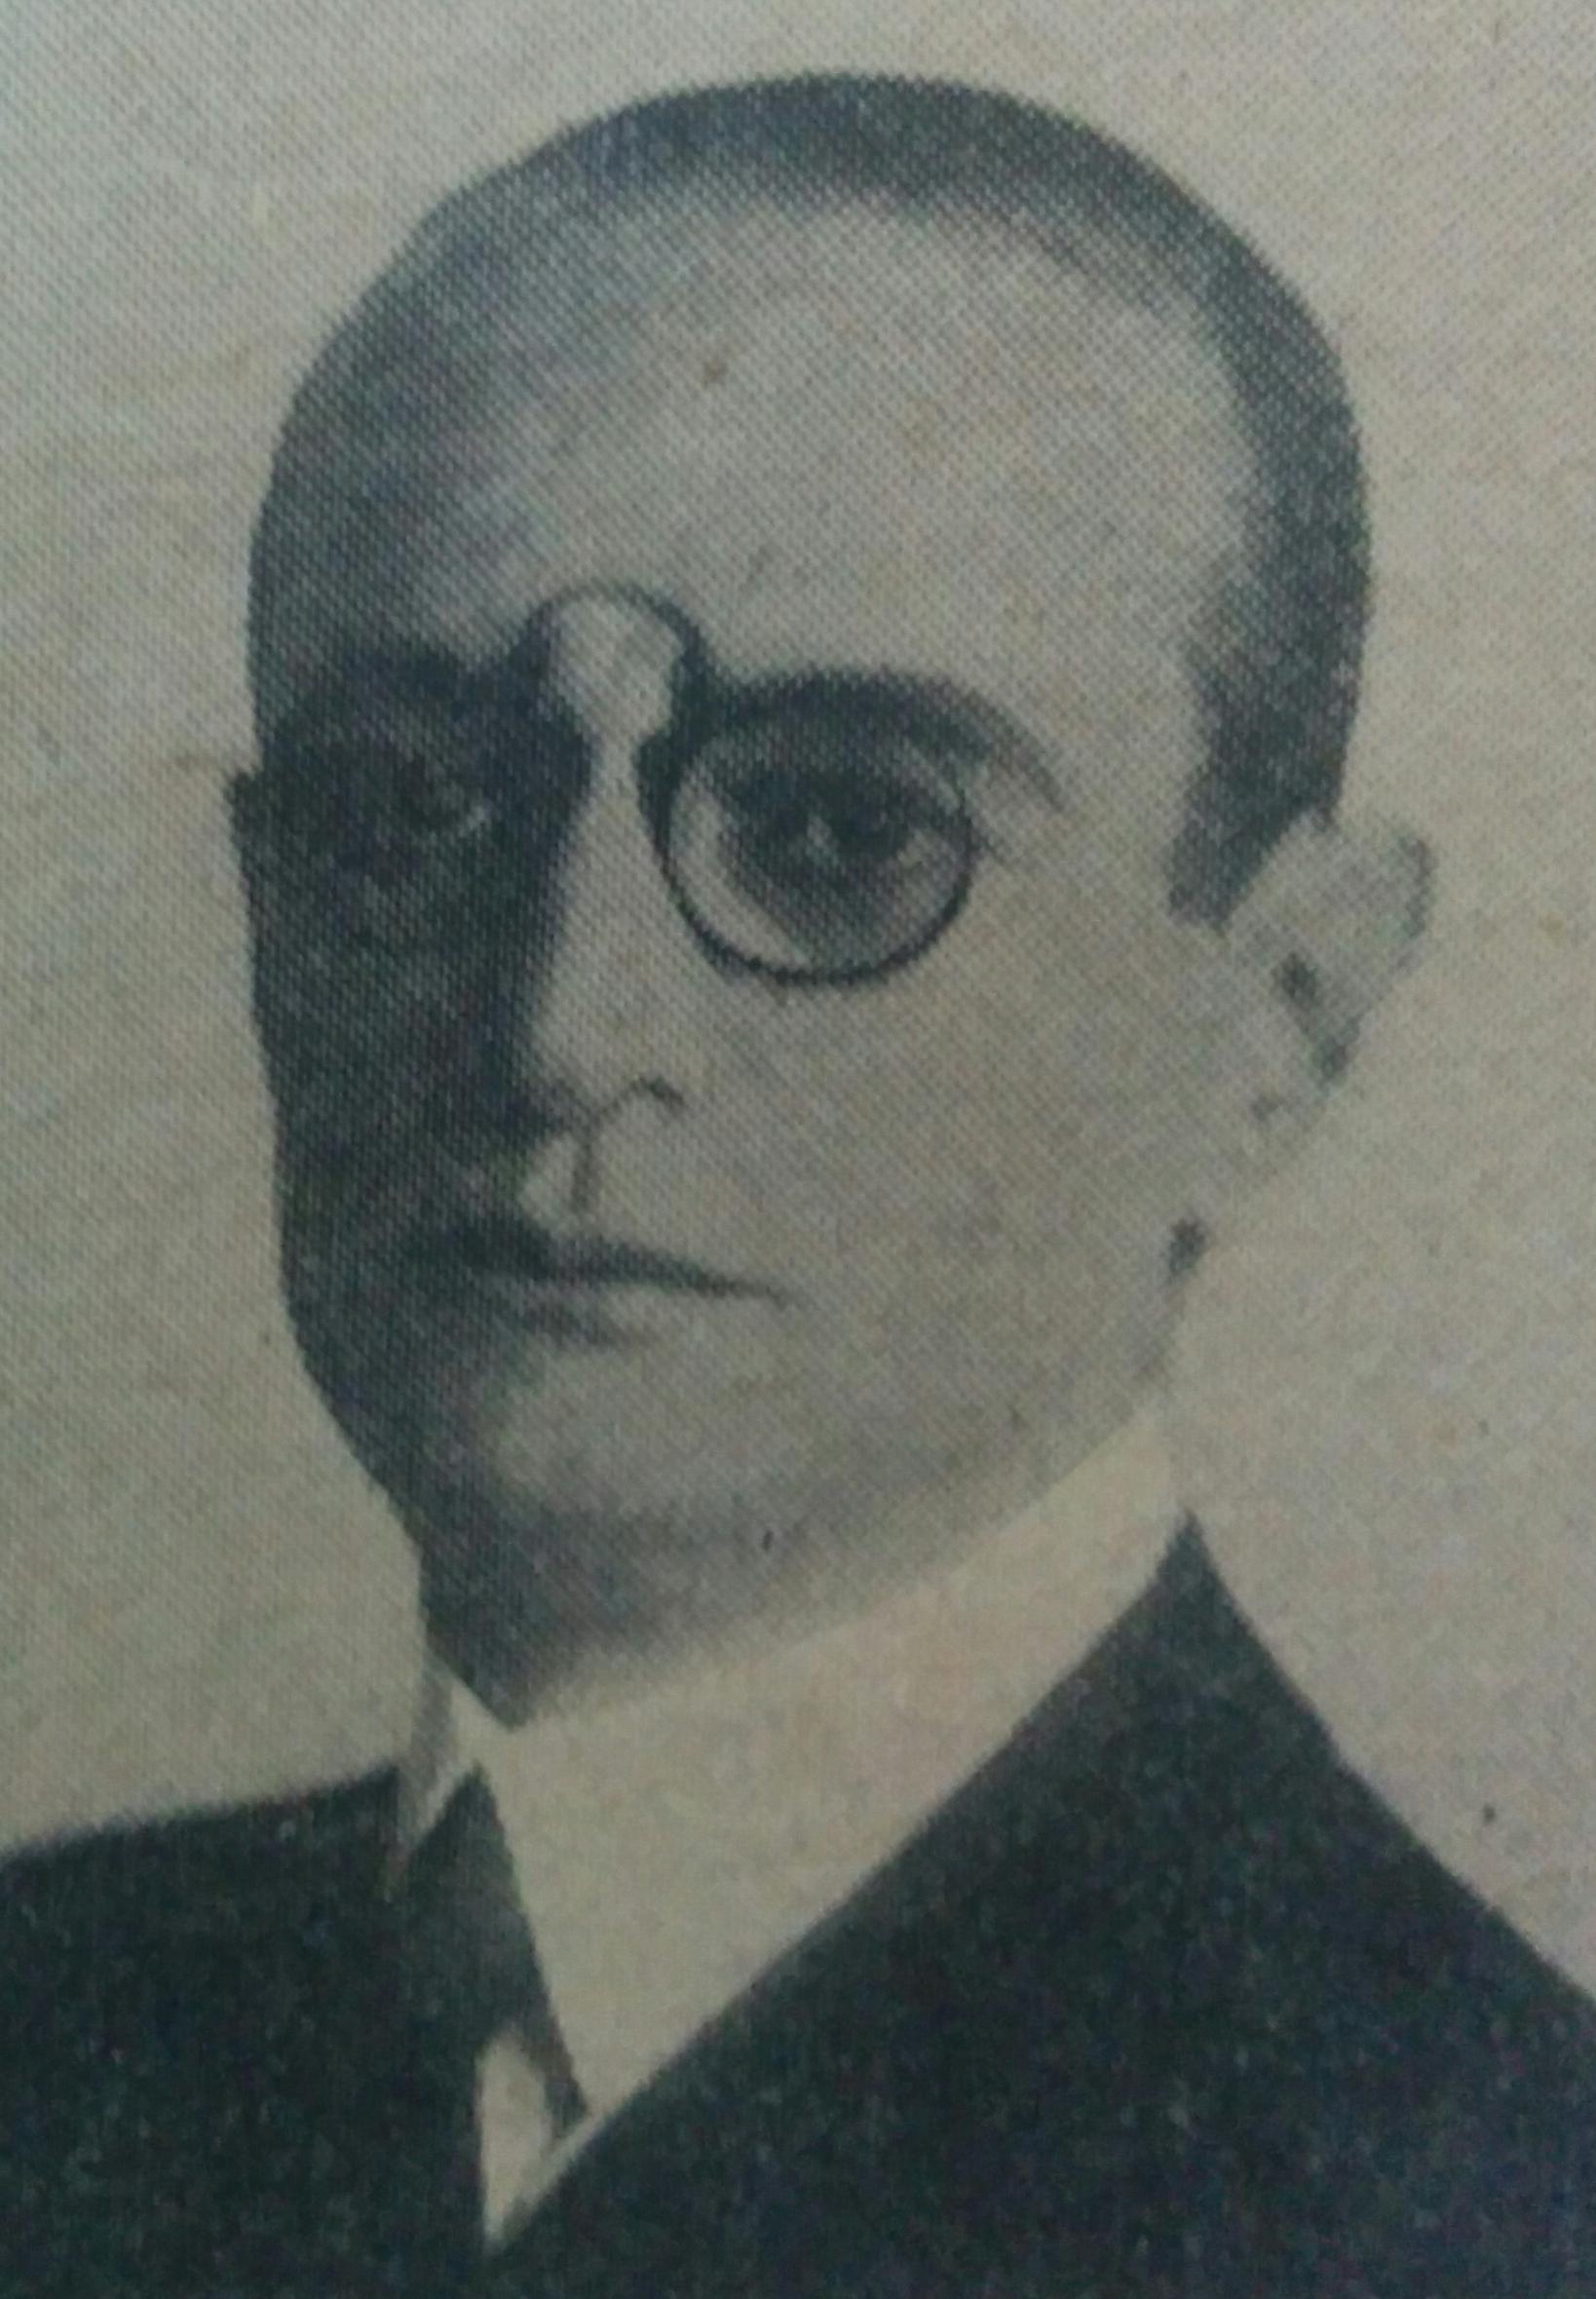 Dr. Luis Grisolía